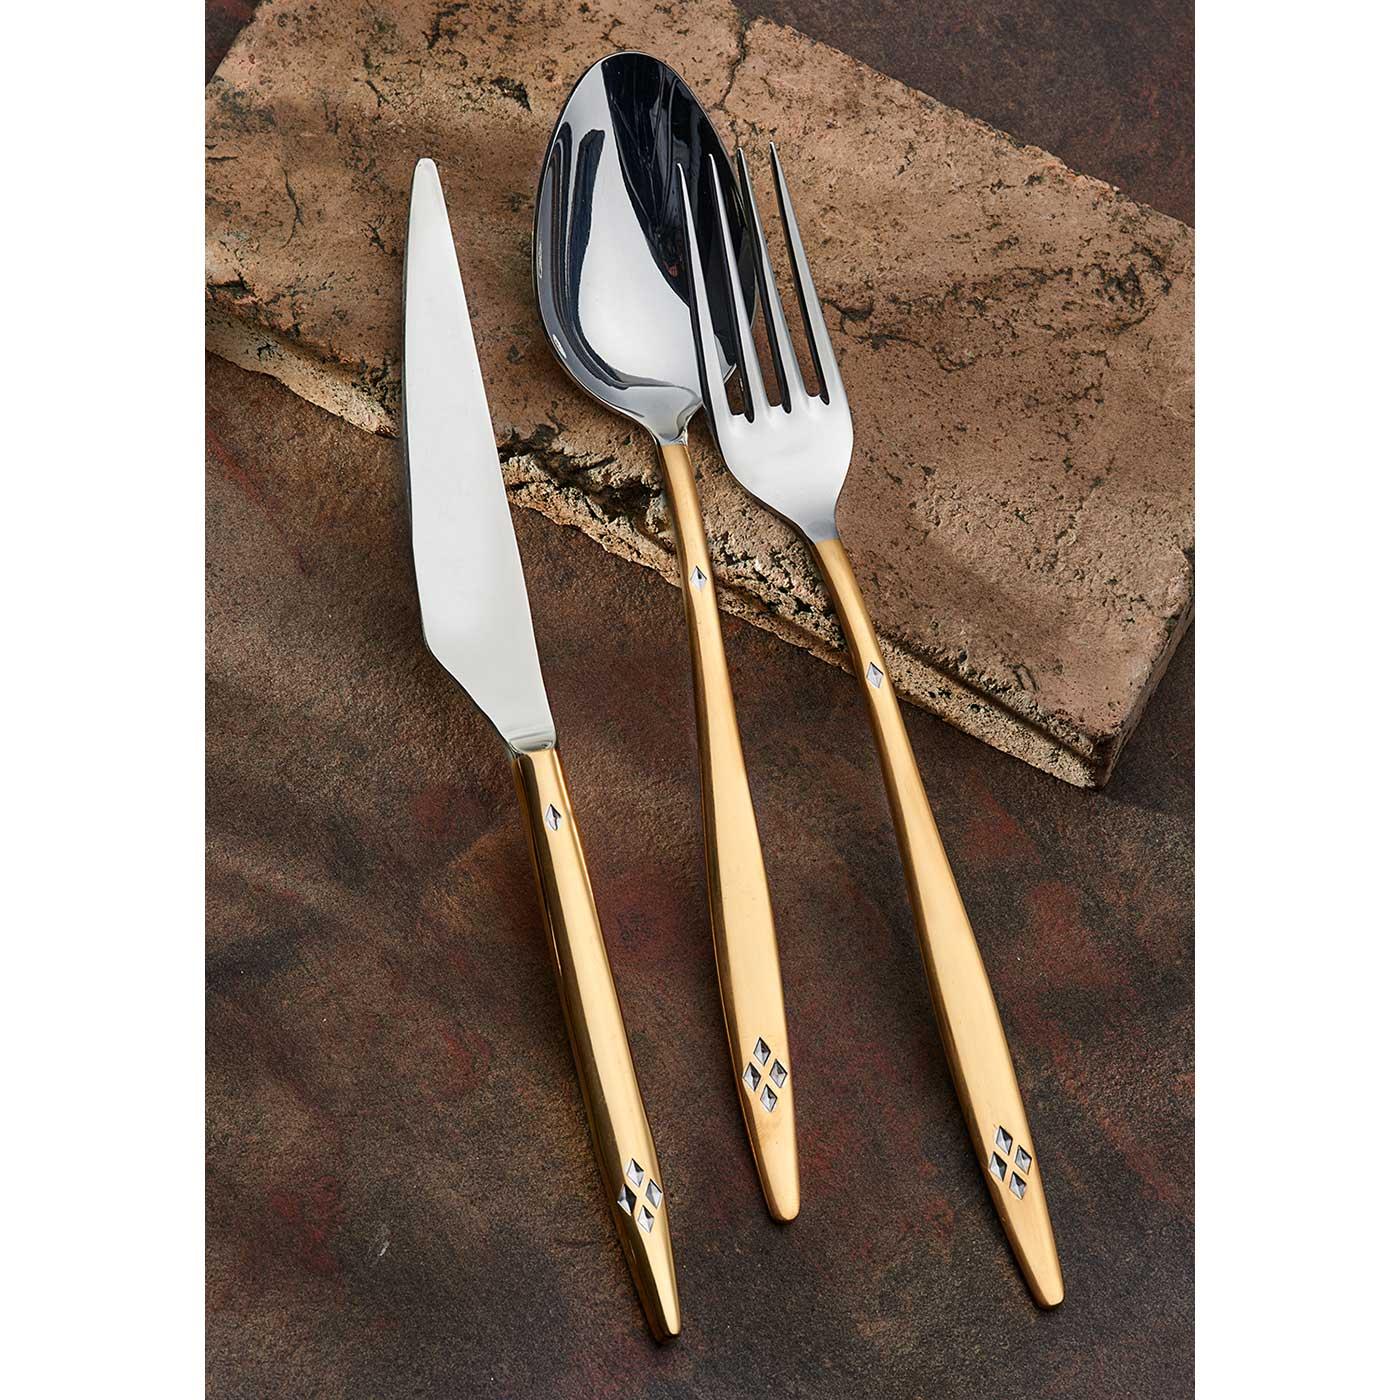 ONON Mira Altın 24 Parça Çatal Kaşık Bıçak Takımı 2